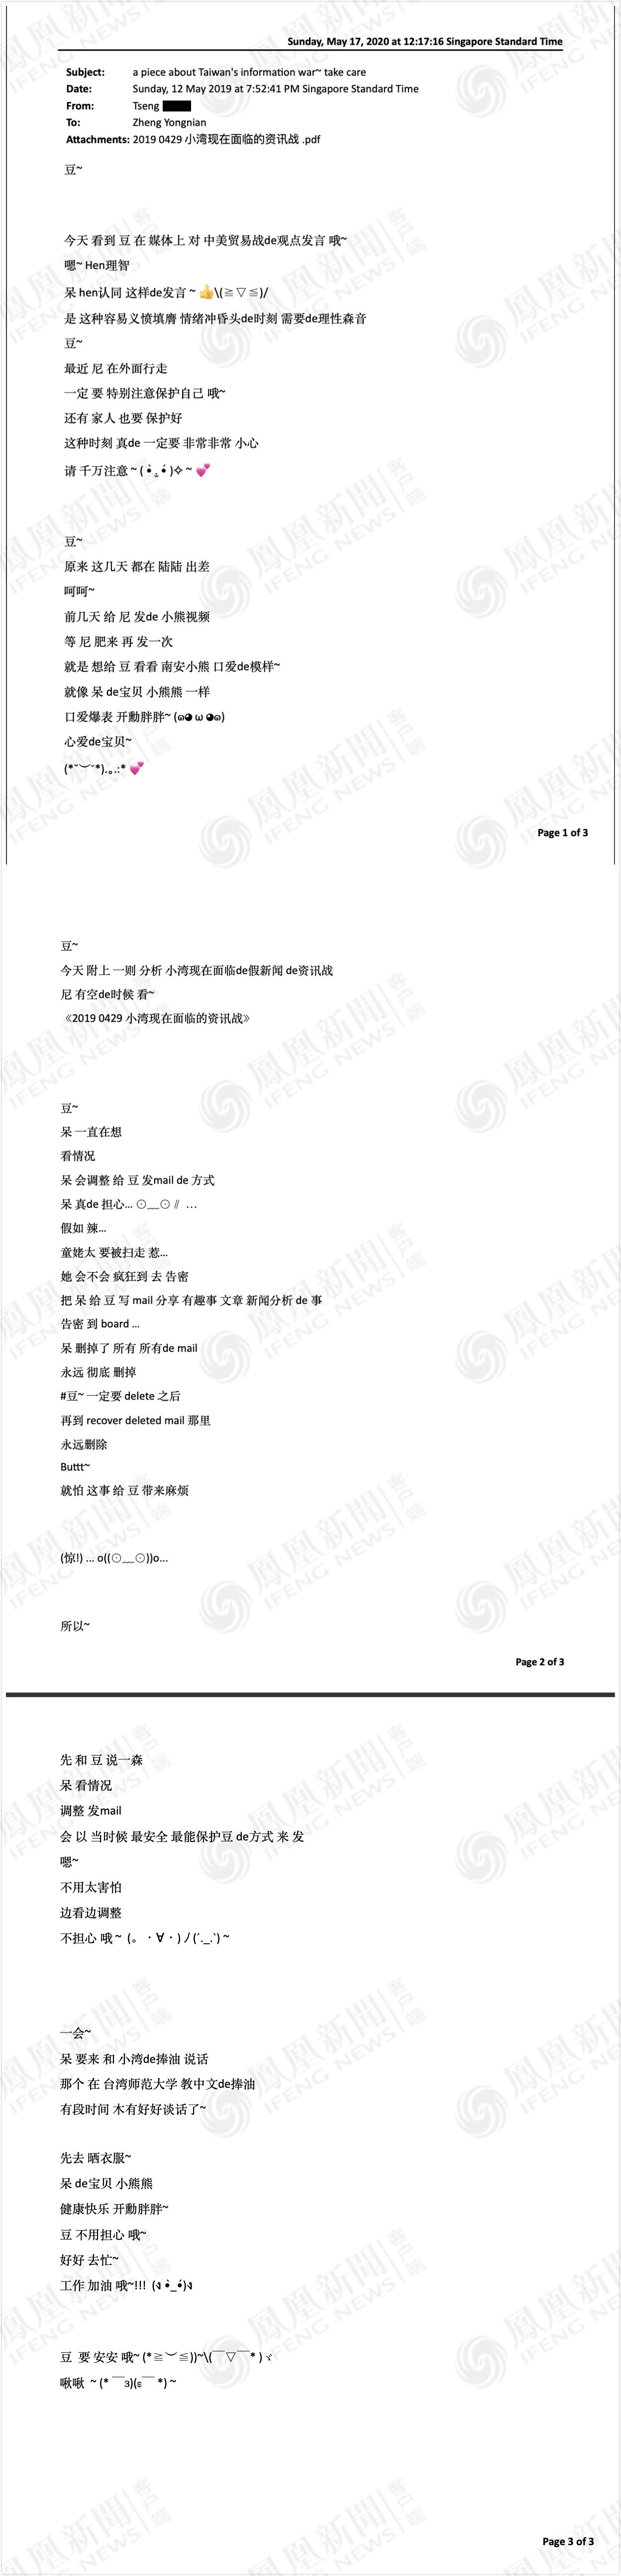 独家| 郑永年首次公布具体证据,否认性骚扰指控